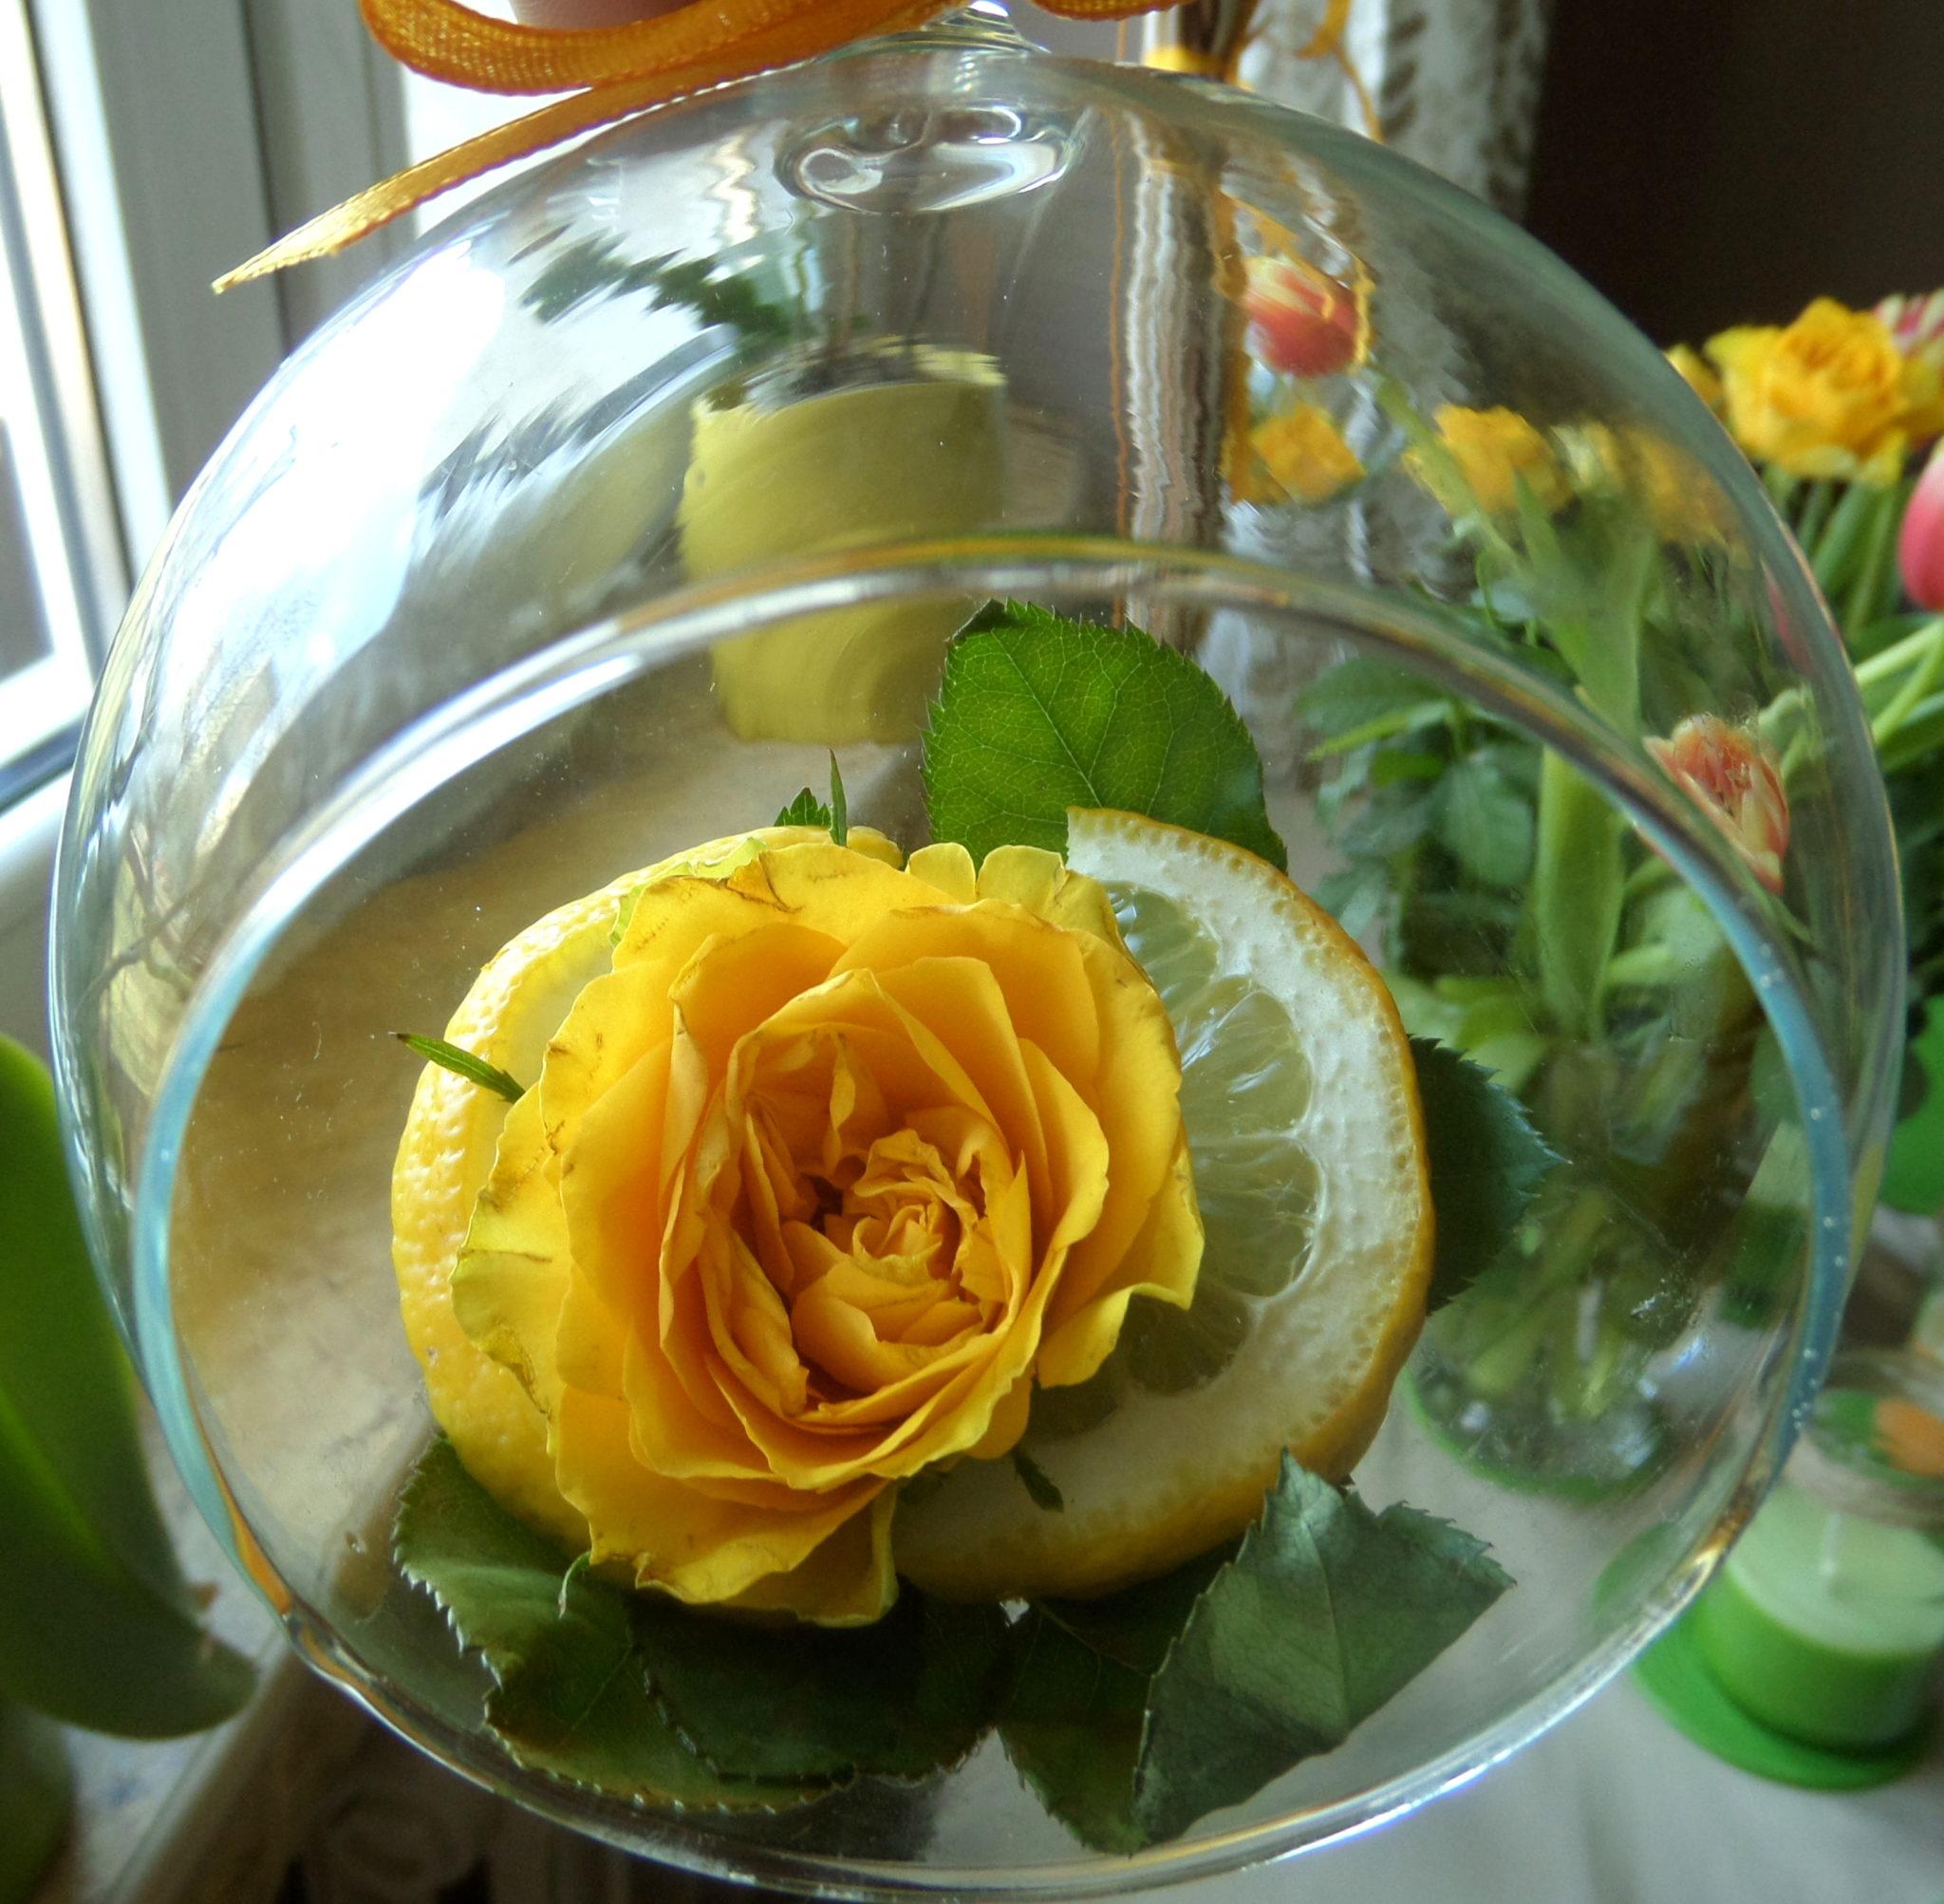 Szklana kula na wiosnę